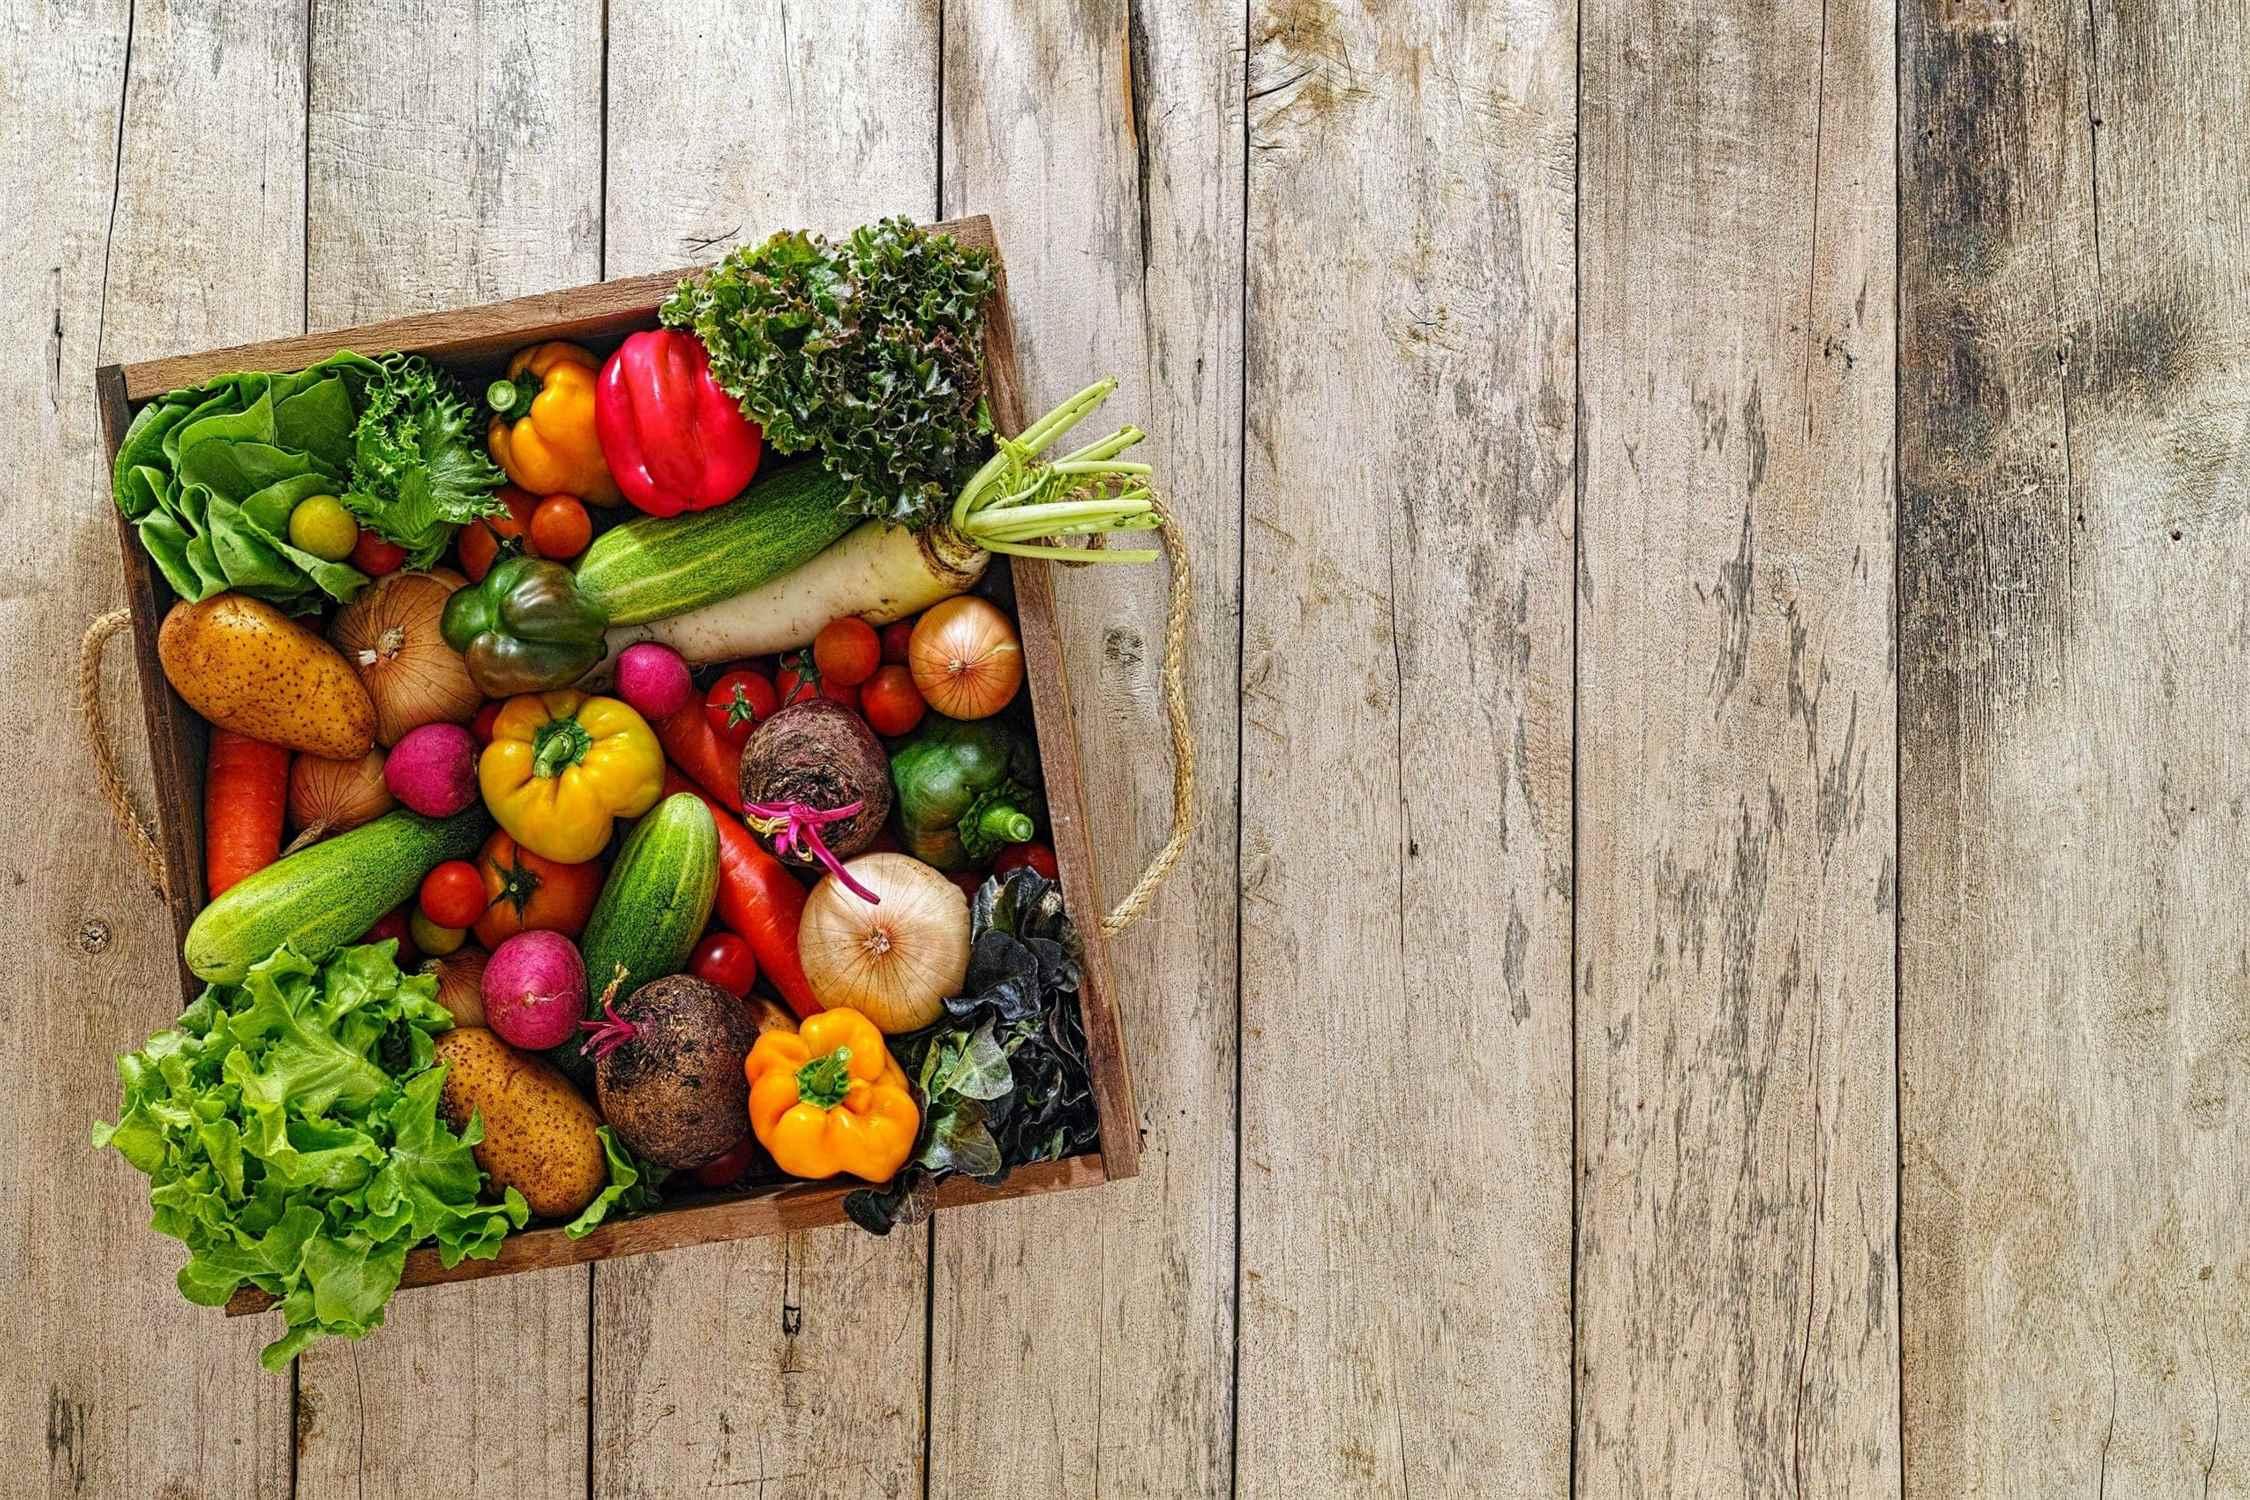 Alimentación sostenible I: ¿el futuro?